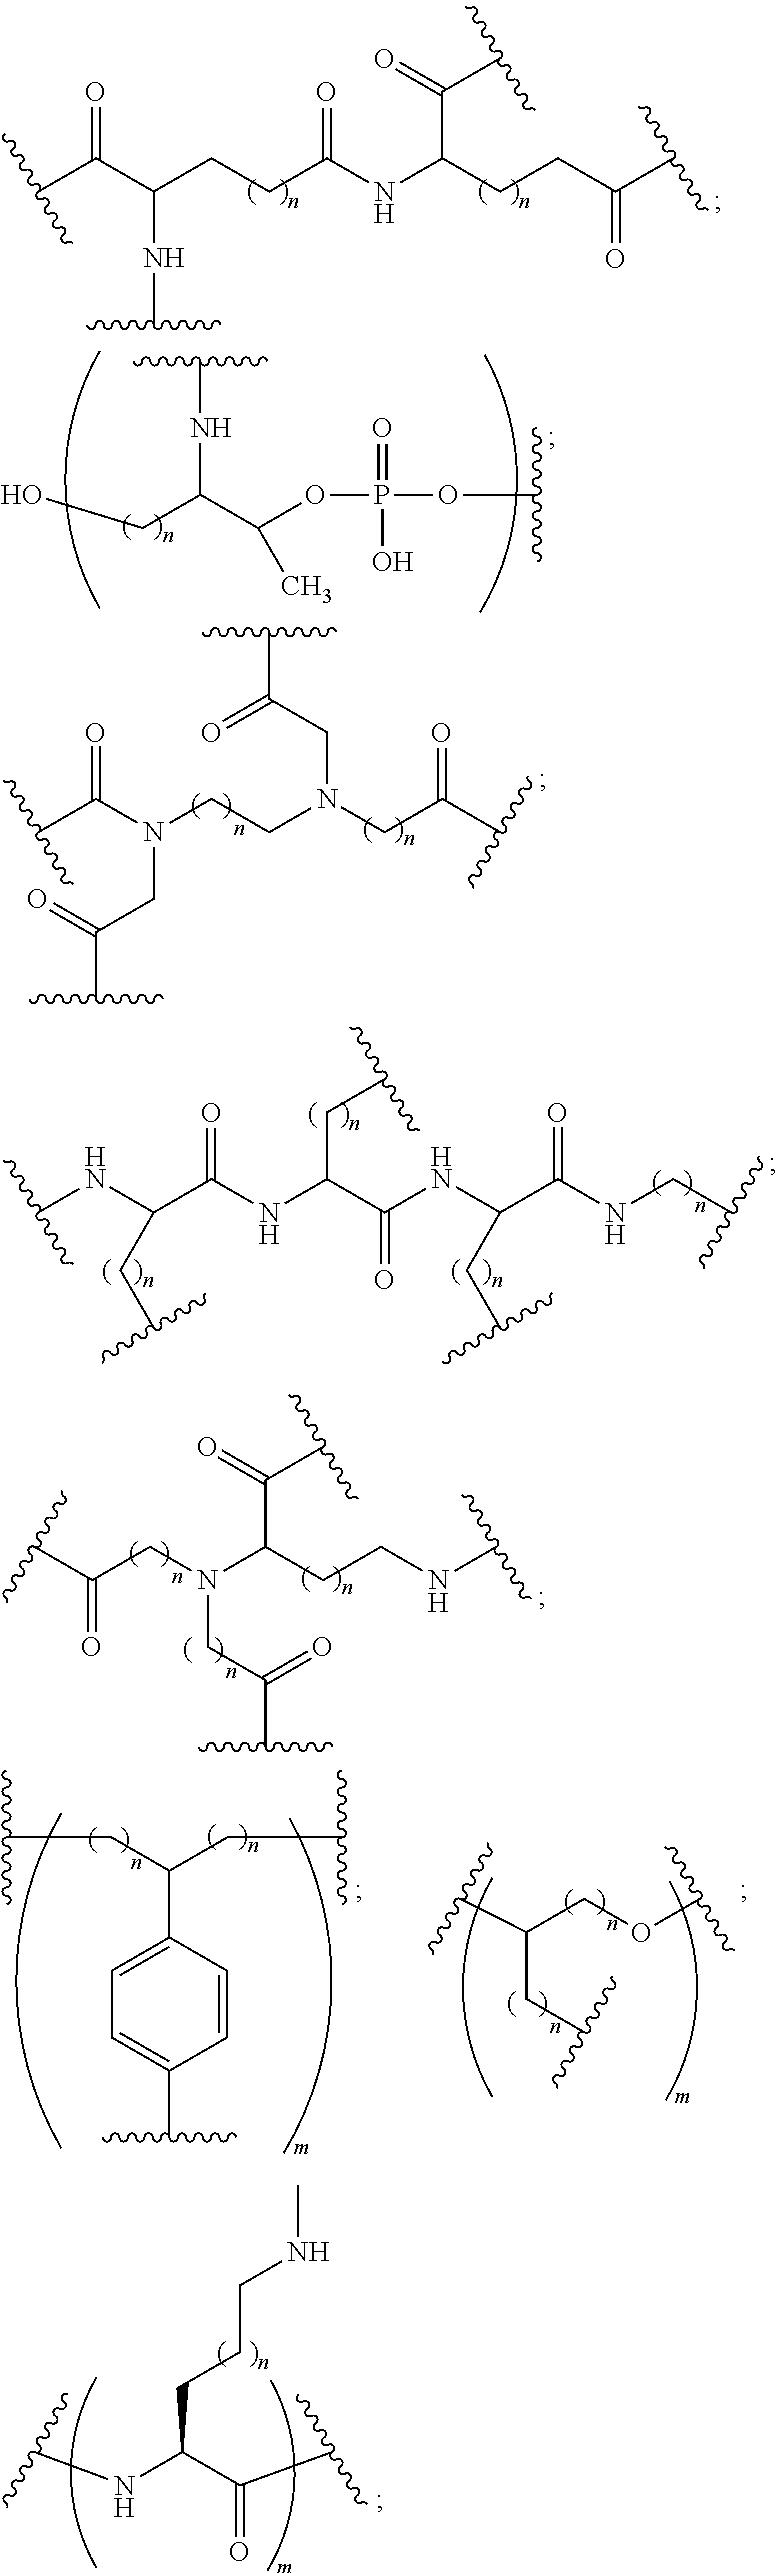 Figure US09932580-20180403-C00044